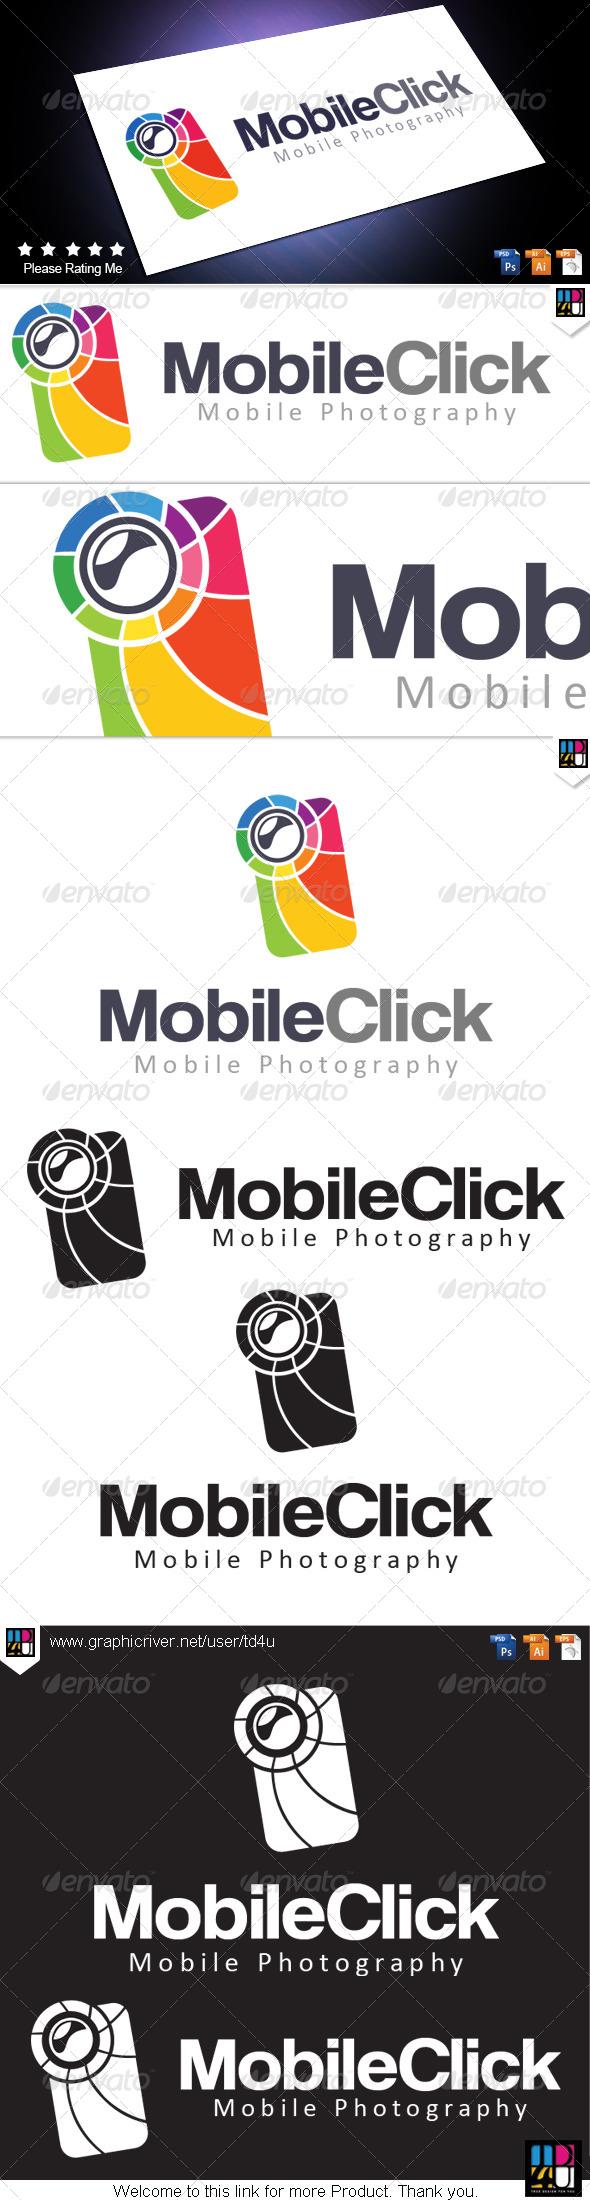 GraphicRiver Mobile Clike 7030529